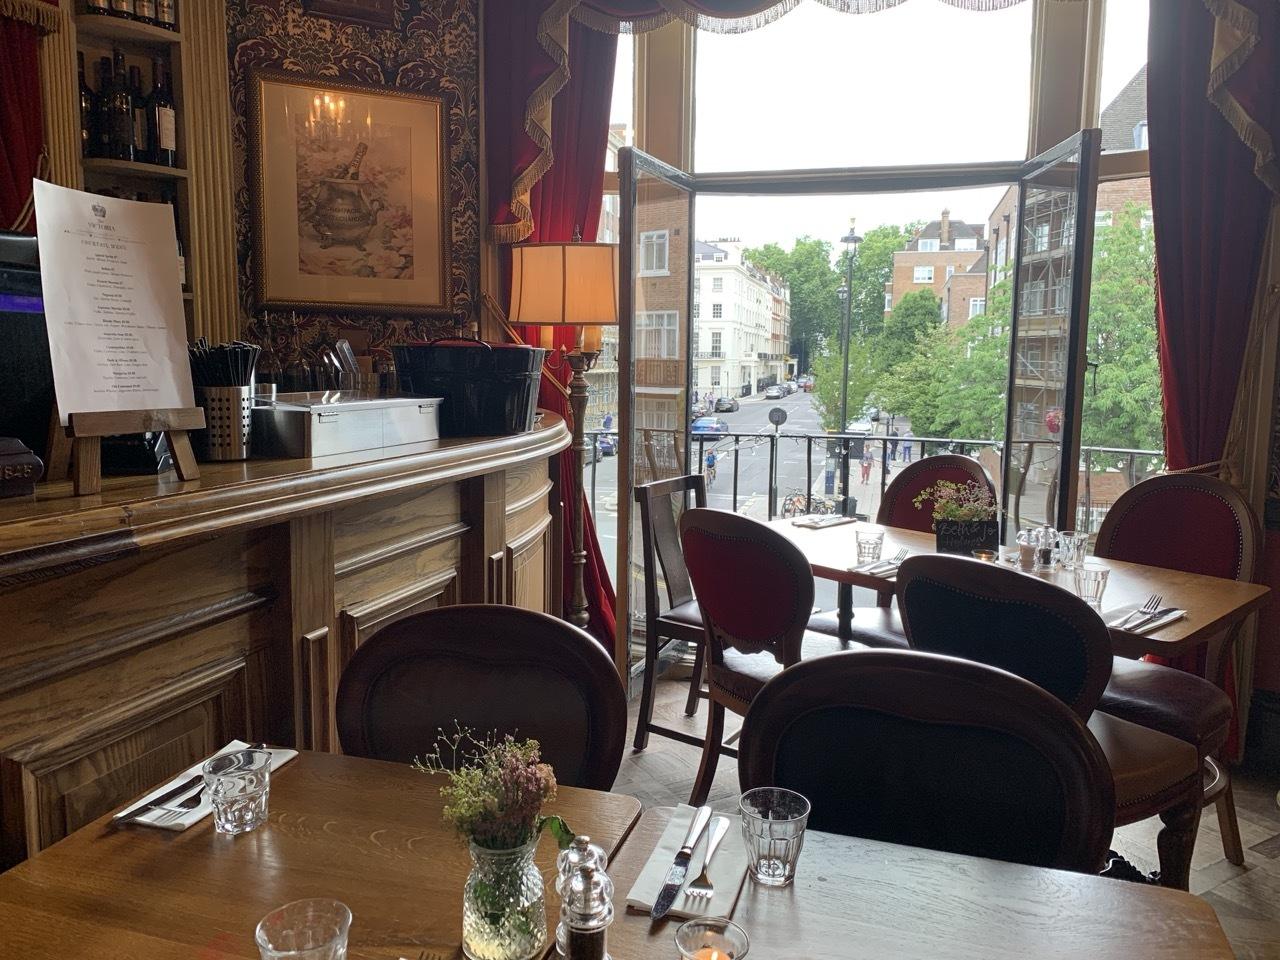 ロンドン老舗の醸造所がパブを経営 フラーズ_f0380234_02473677.jpg